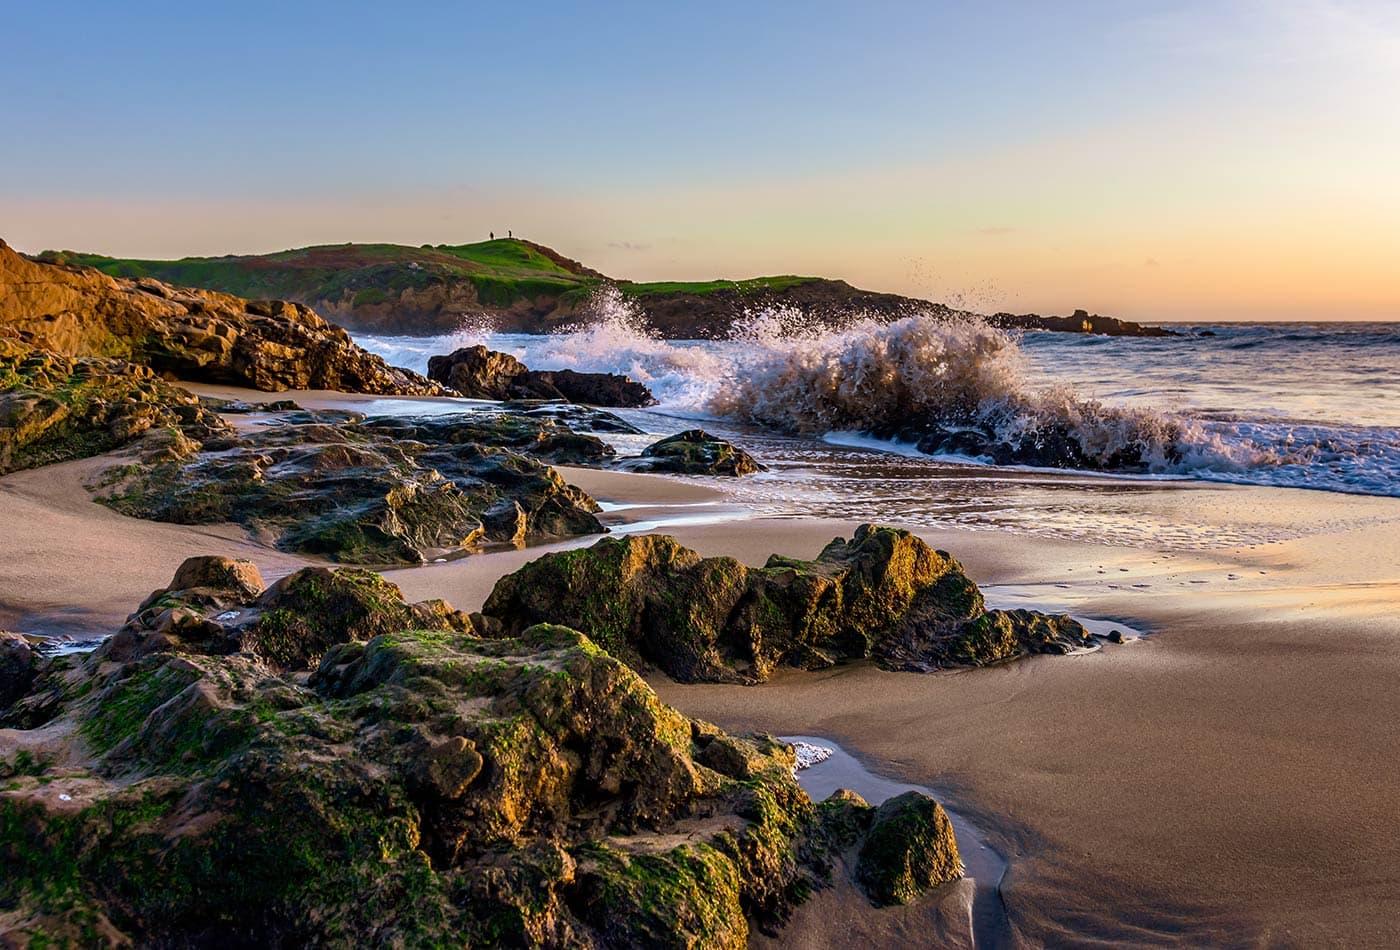 ocean waves rocks 1 web